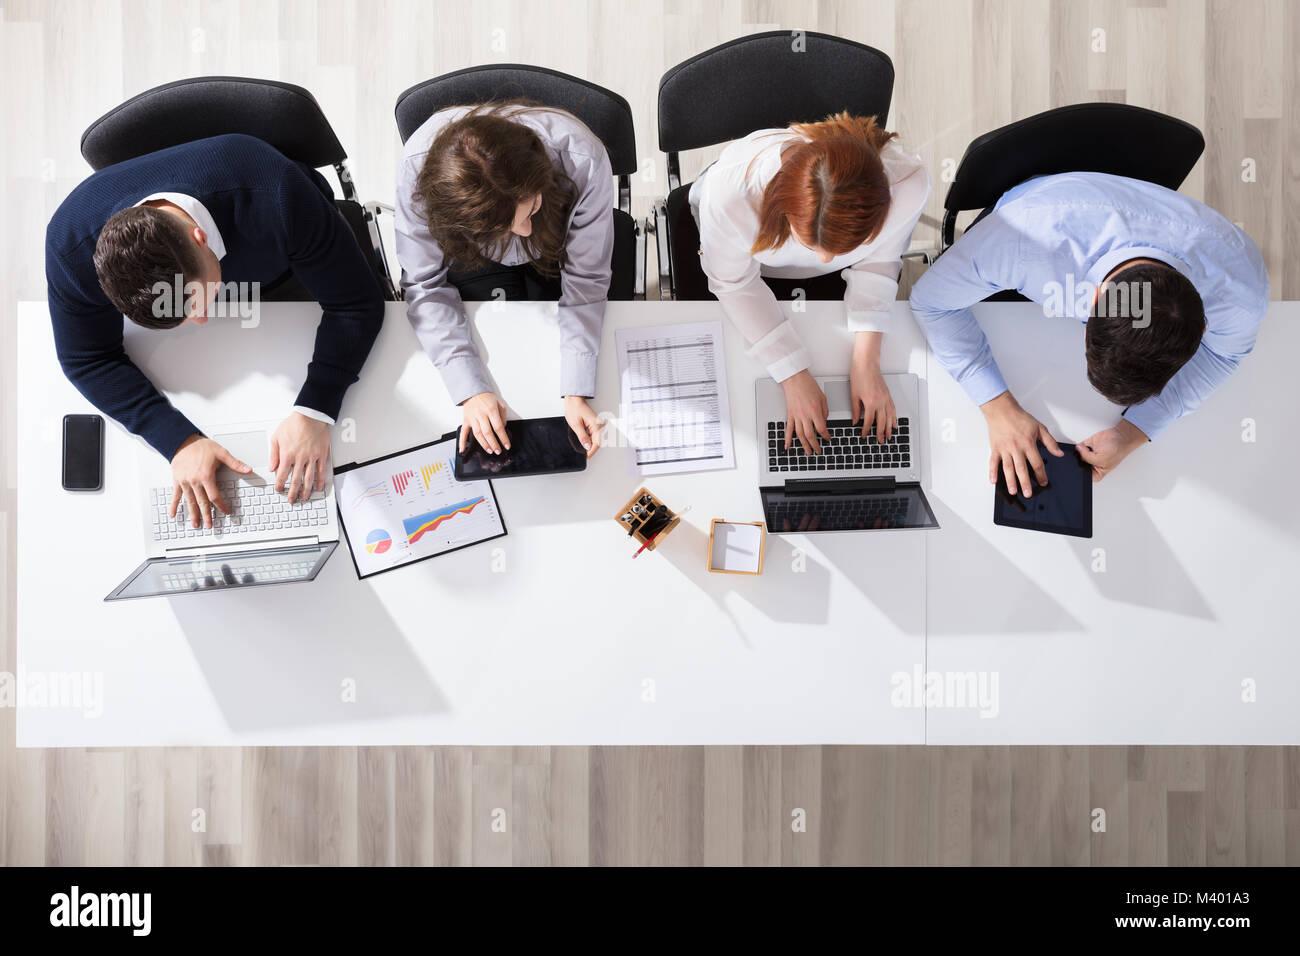 Vista elevada de gente de negocios mediante el uso de dispositivos electrónicos en un escritorio en la oficina Foto de stock